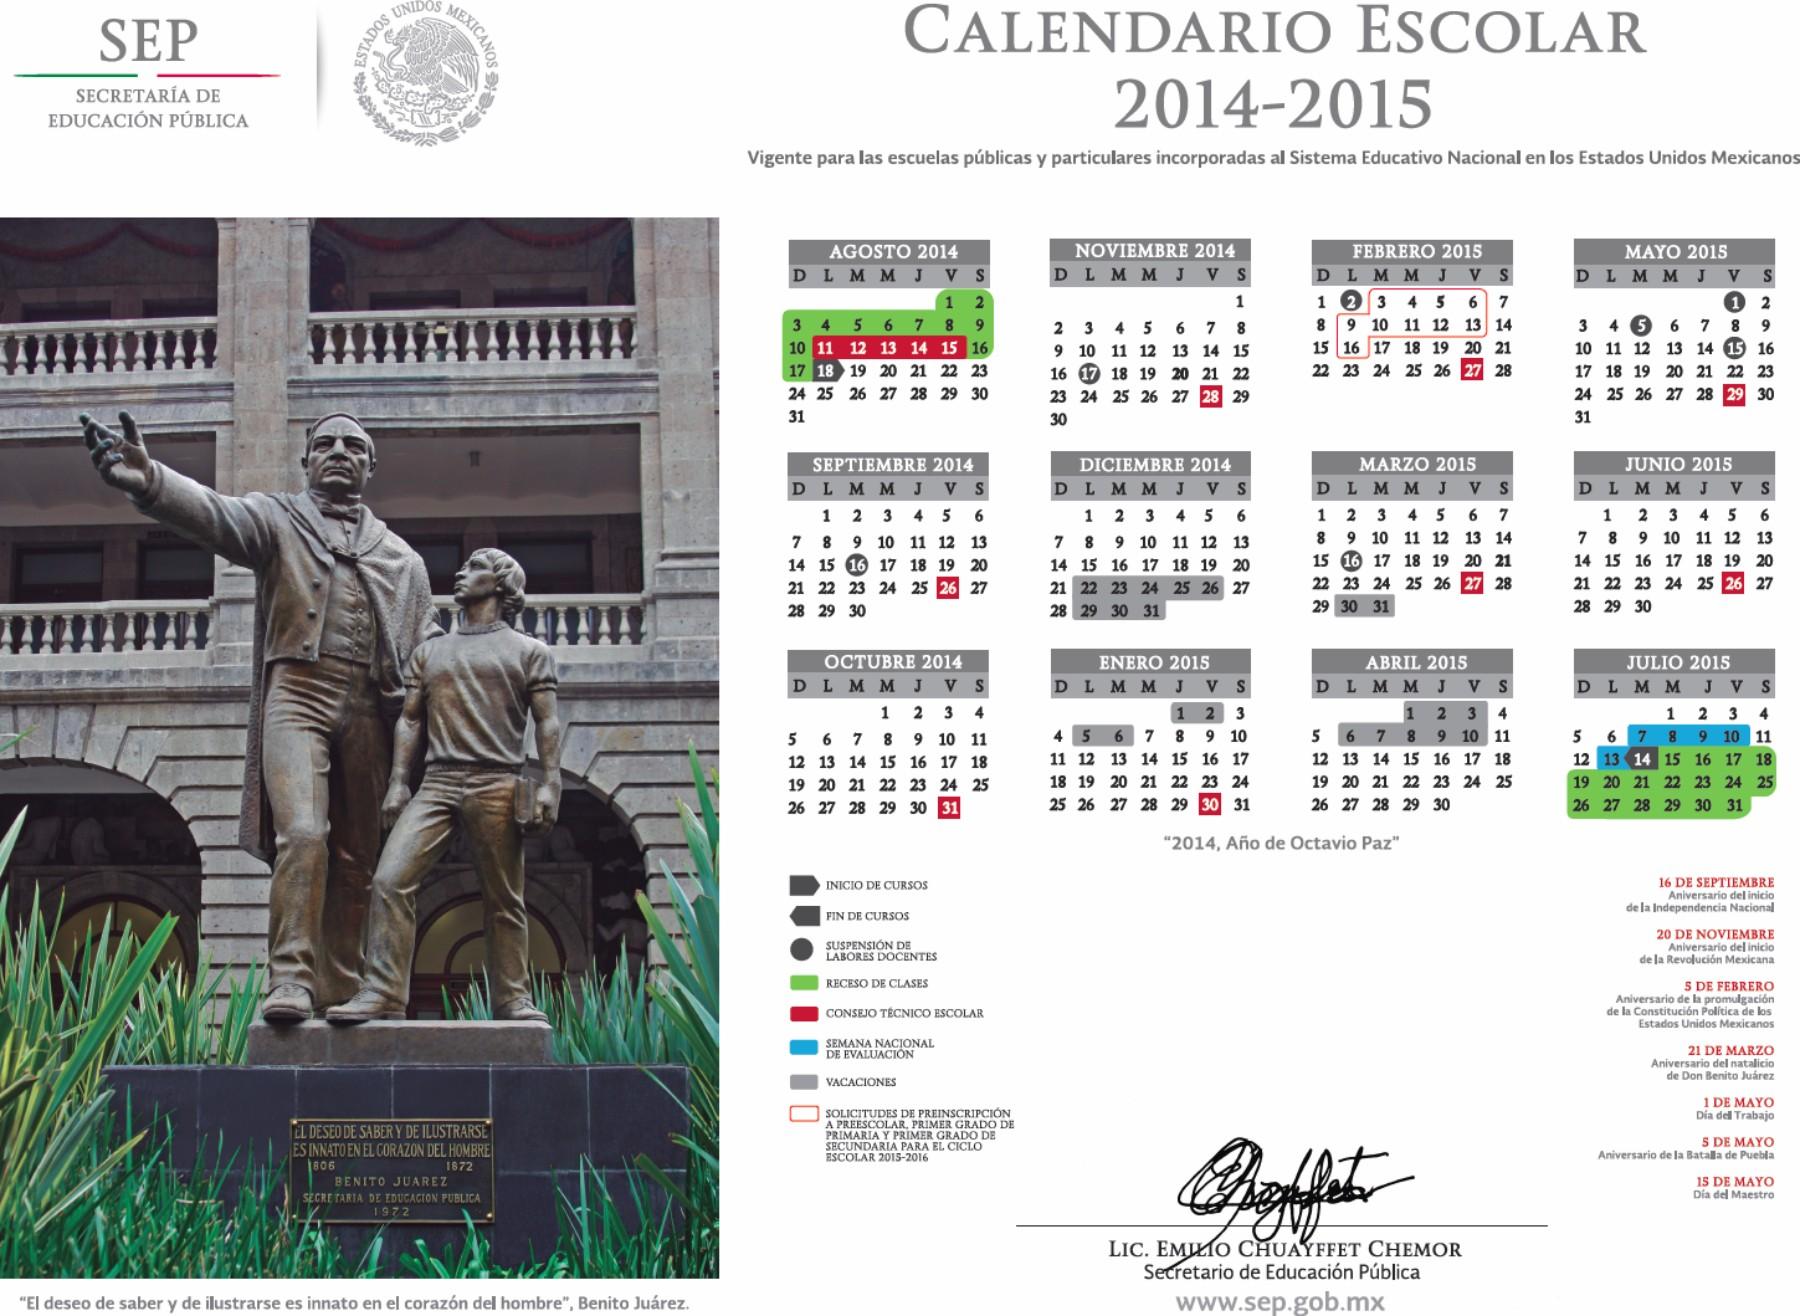 Calendario Escolar 2018 Y 2019 Durango Actual Calendario Escolar 2014 2015 – Escuela Secundaria Técnica 1 Durango Of Calendario Escolar 2018 Y 2019 Durango Más Reciente Escuela Nacional De Cuadros